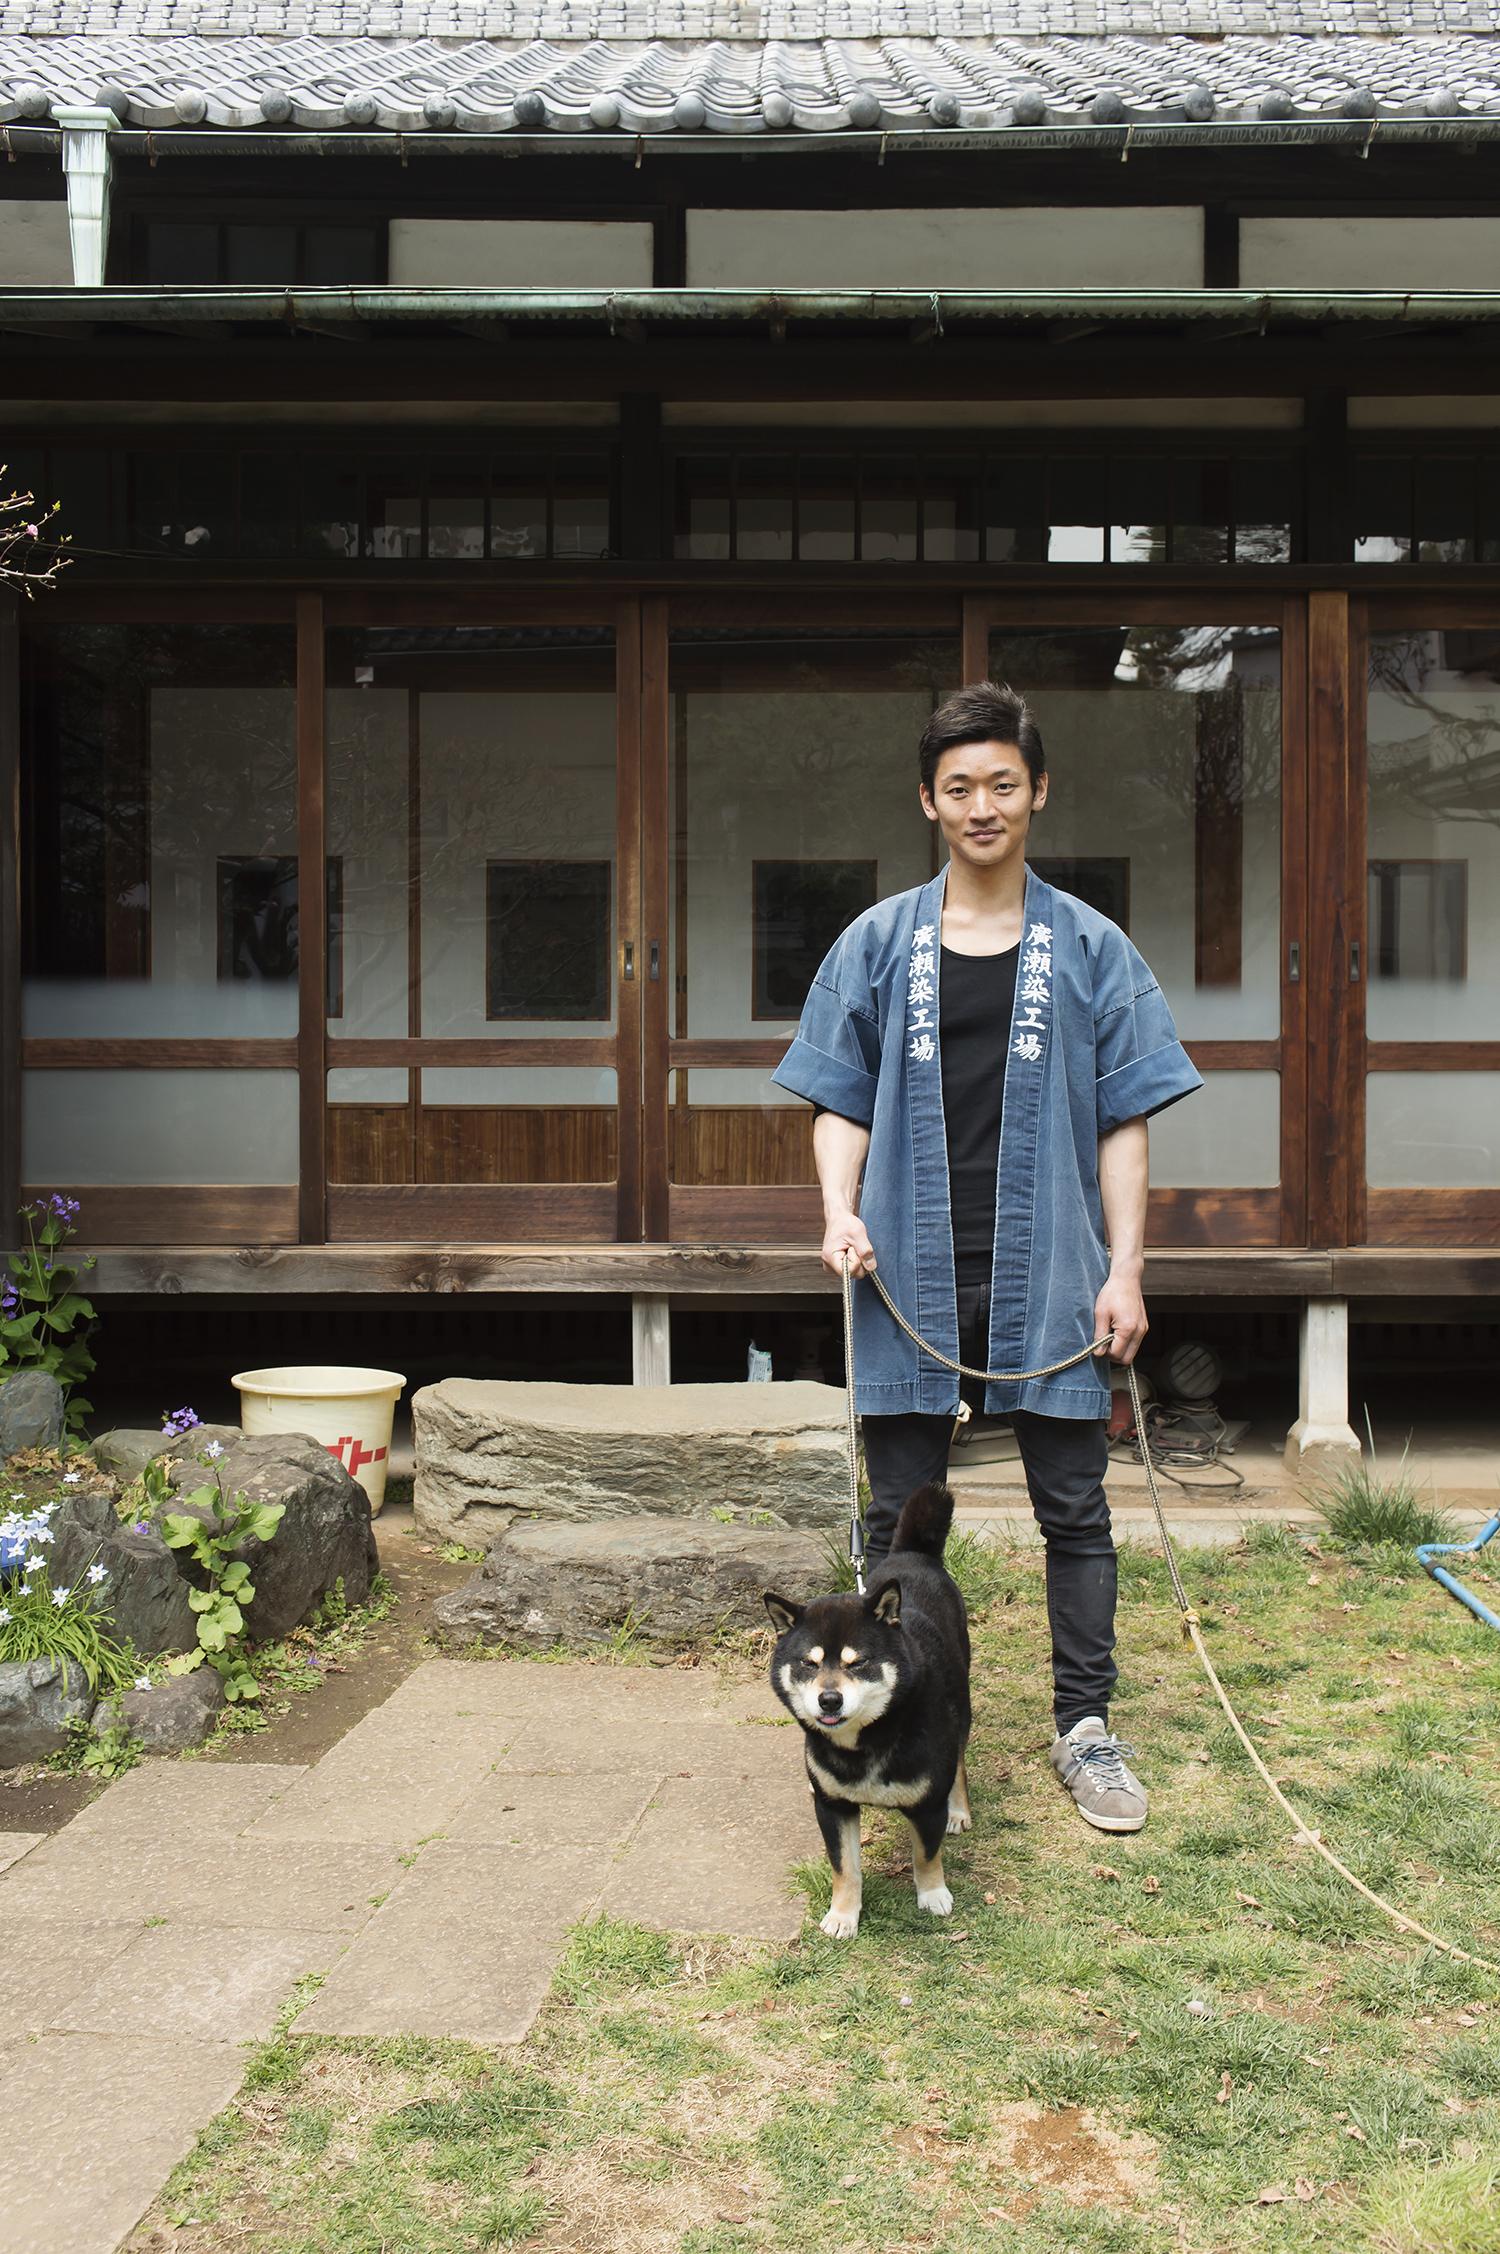 「コモンがいるからリラックスできる」と廣瀬さん。伝統の江戸小紋を、コモンも支えているのである。